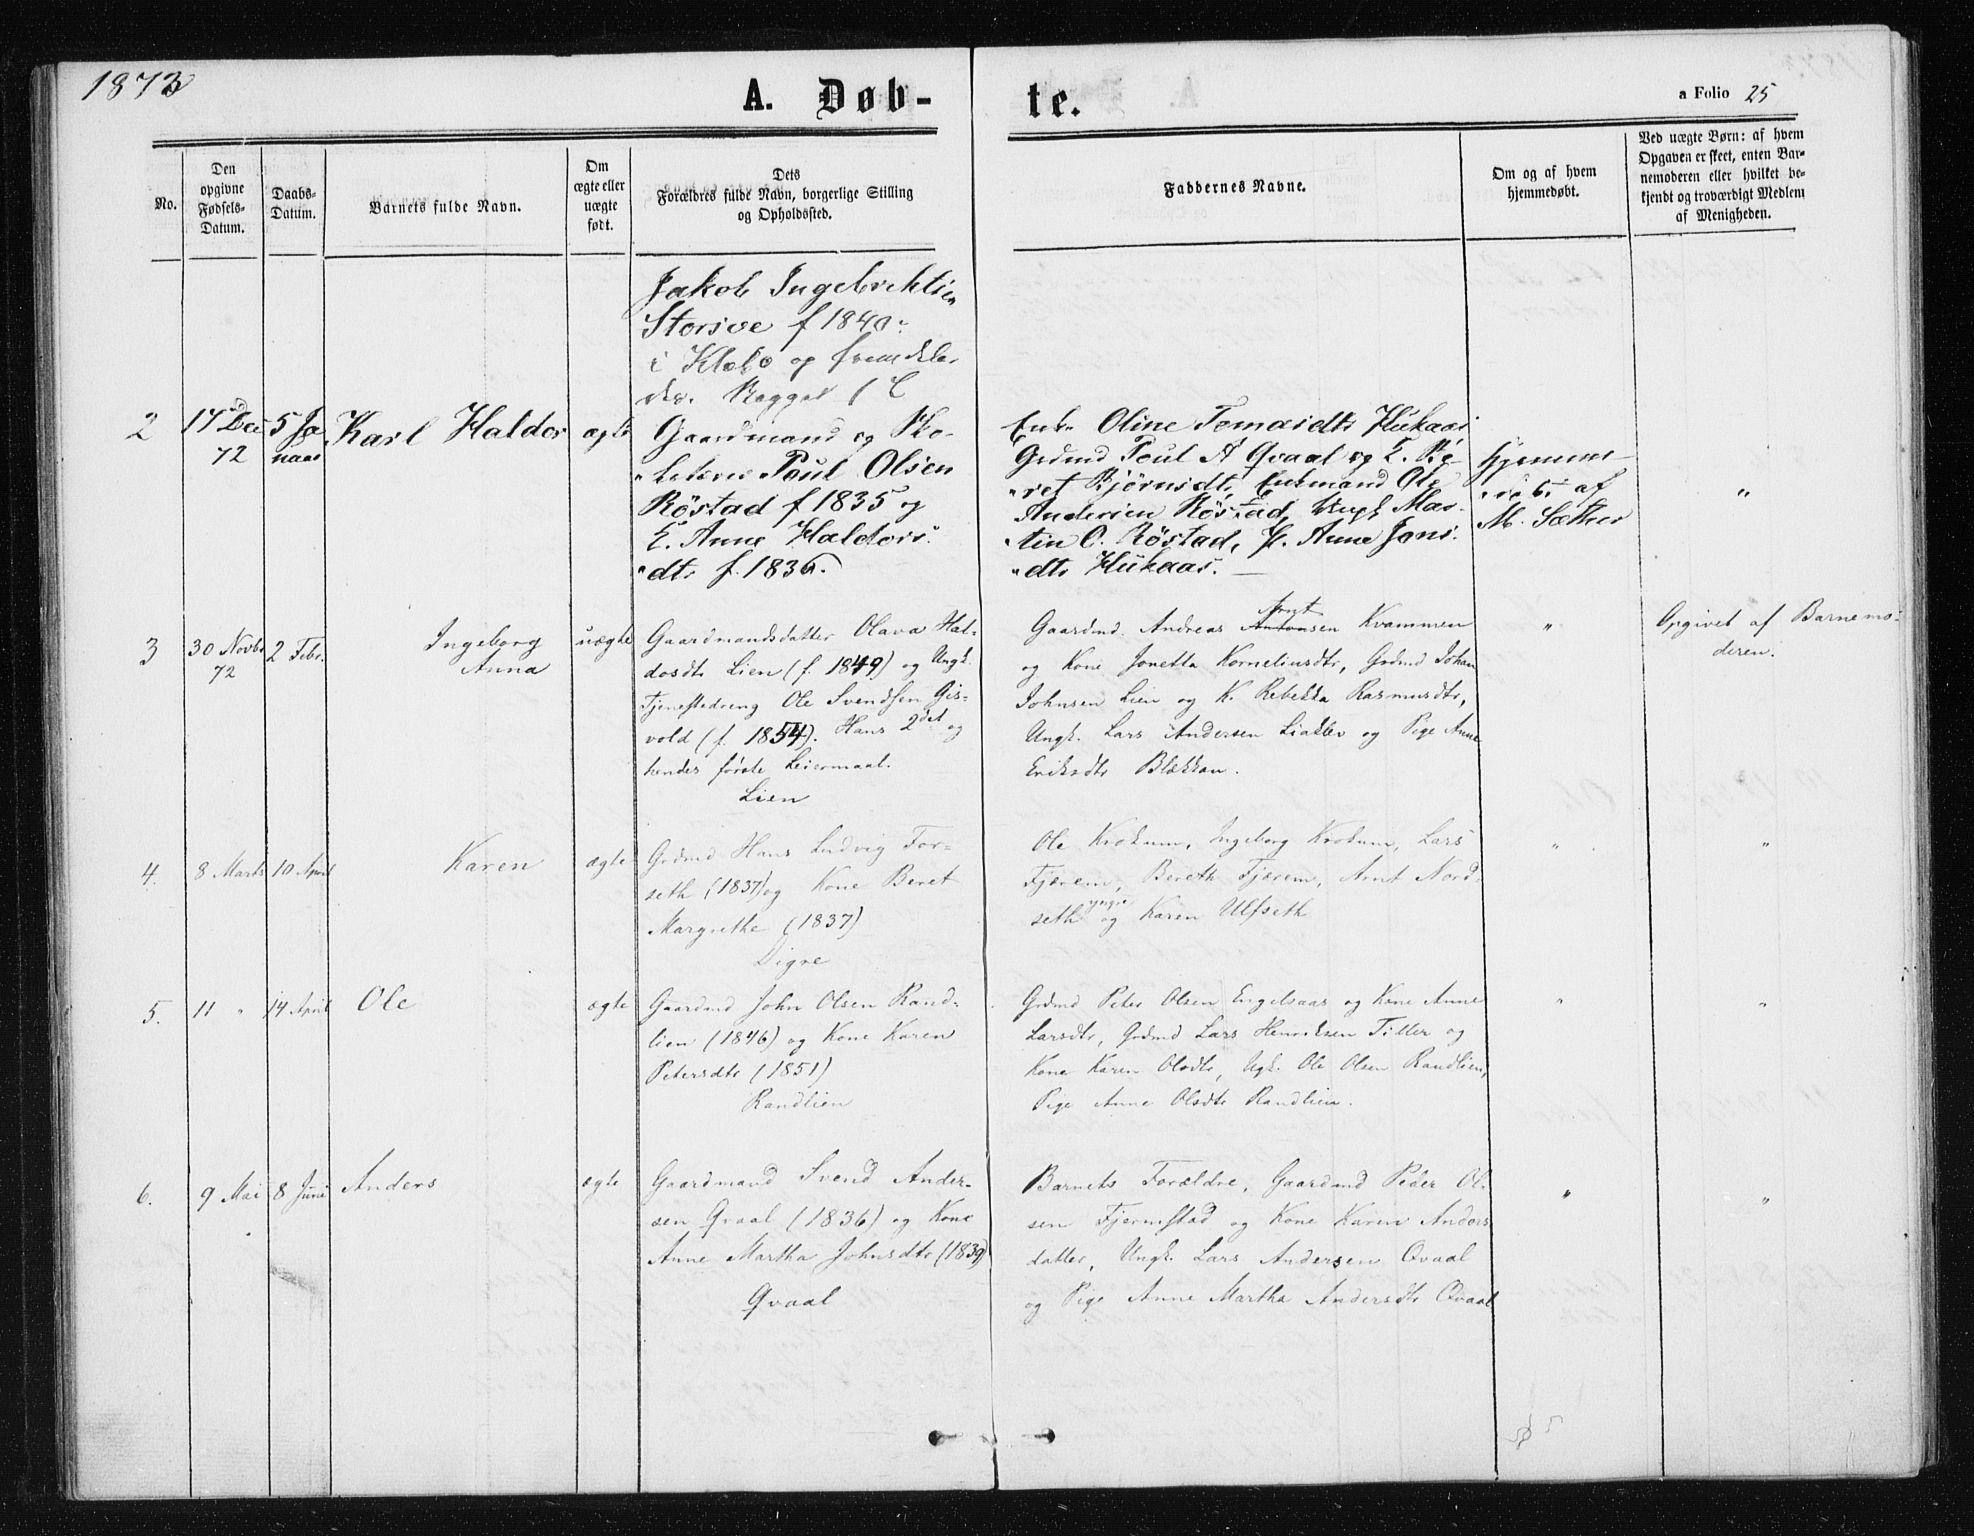 SAT, Ministerialprotokoller, klokkerbøker og fødselsregistre - Sør-Trøndelag, 608/L0333: Ministerialbok nr. 608A02, 1862-1876, s. 25